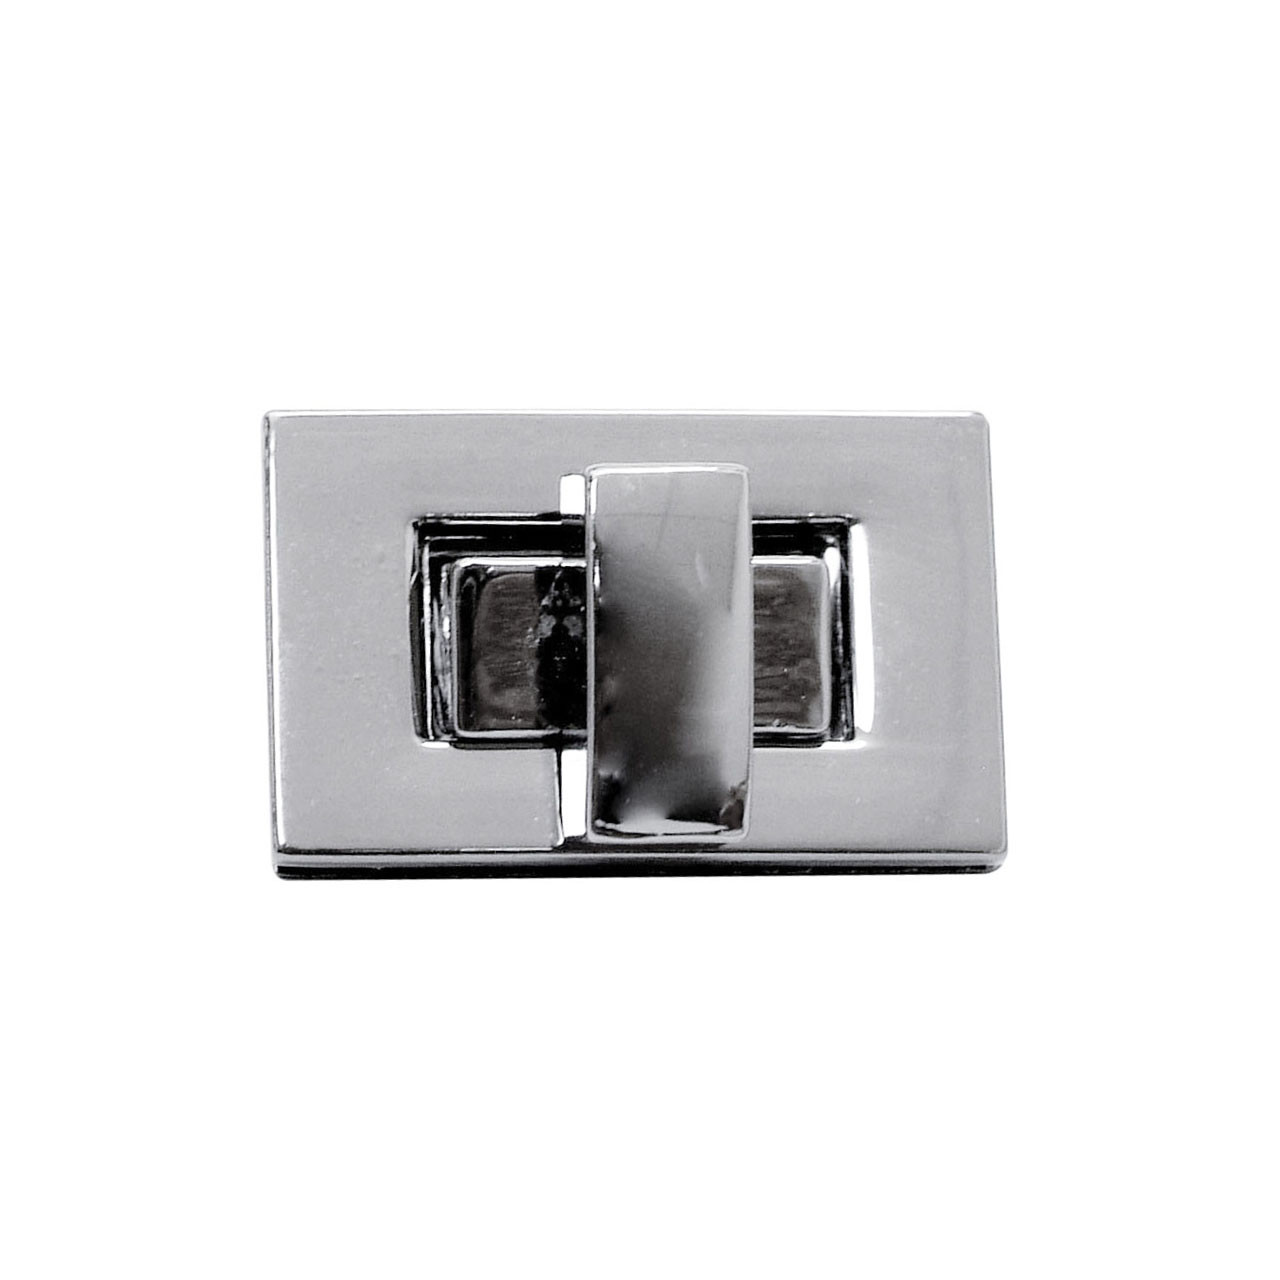 Замок прямоугольный поворотный на винтах 2,6х1,6 см Багажный Серебро